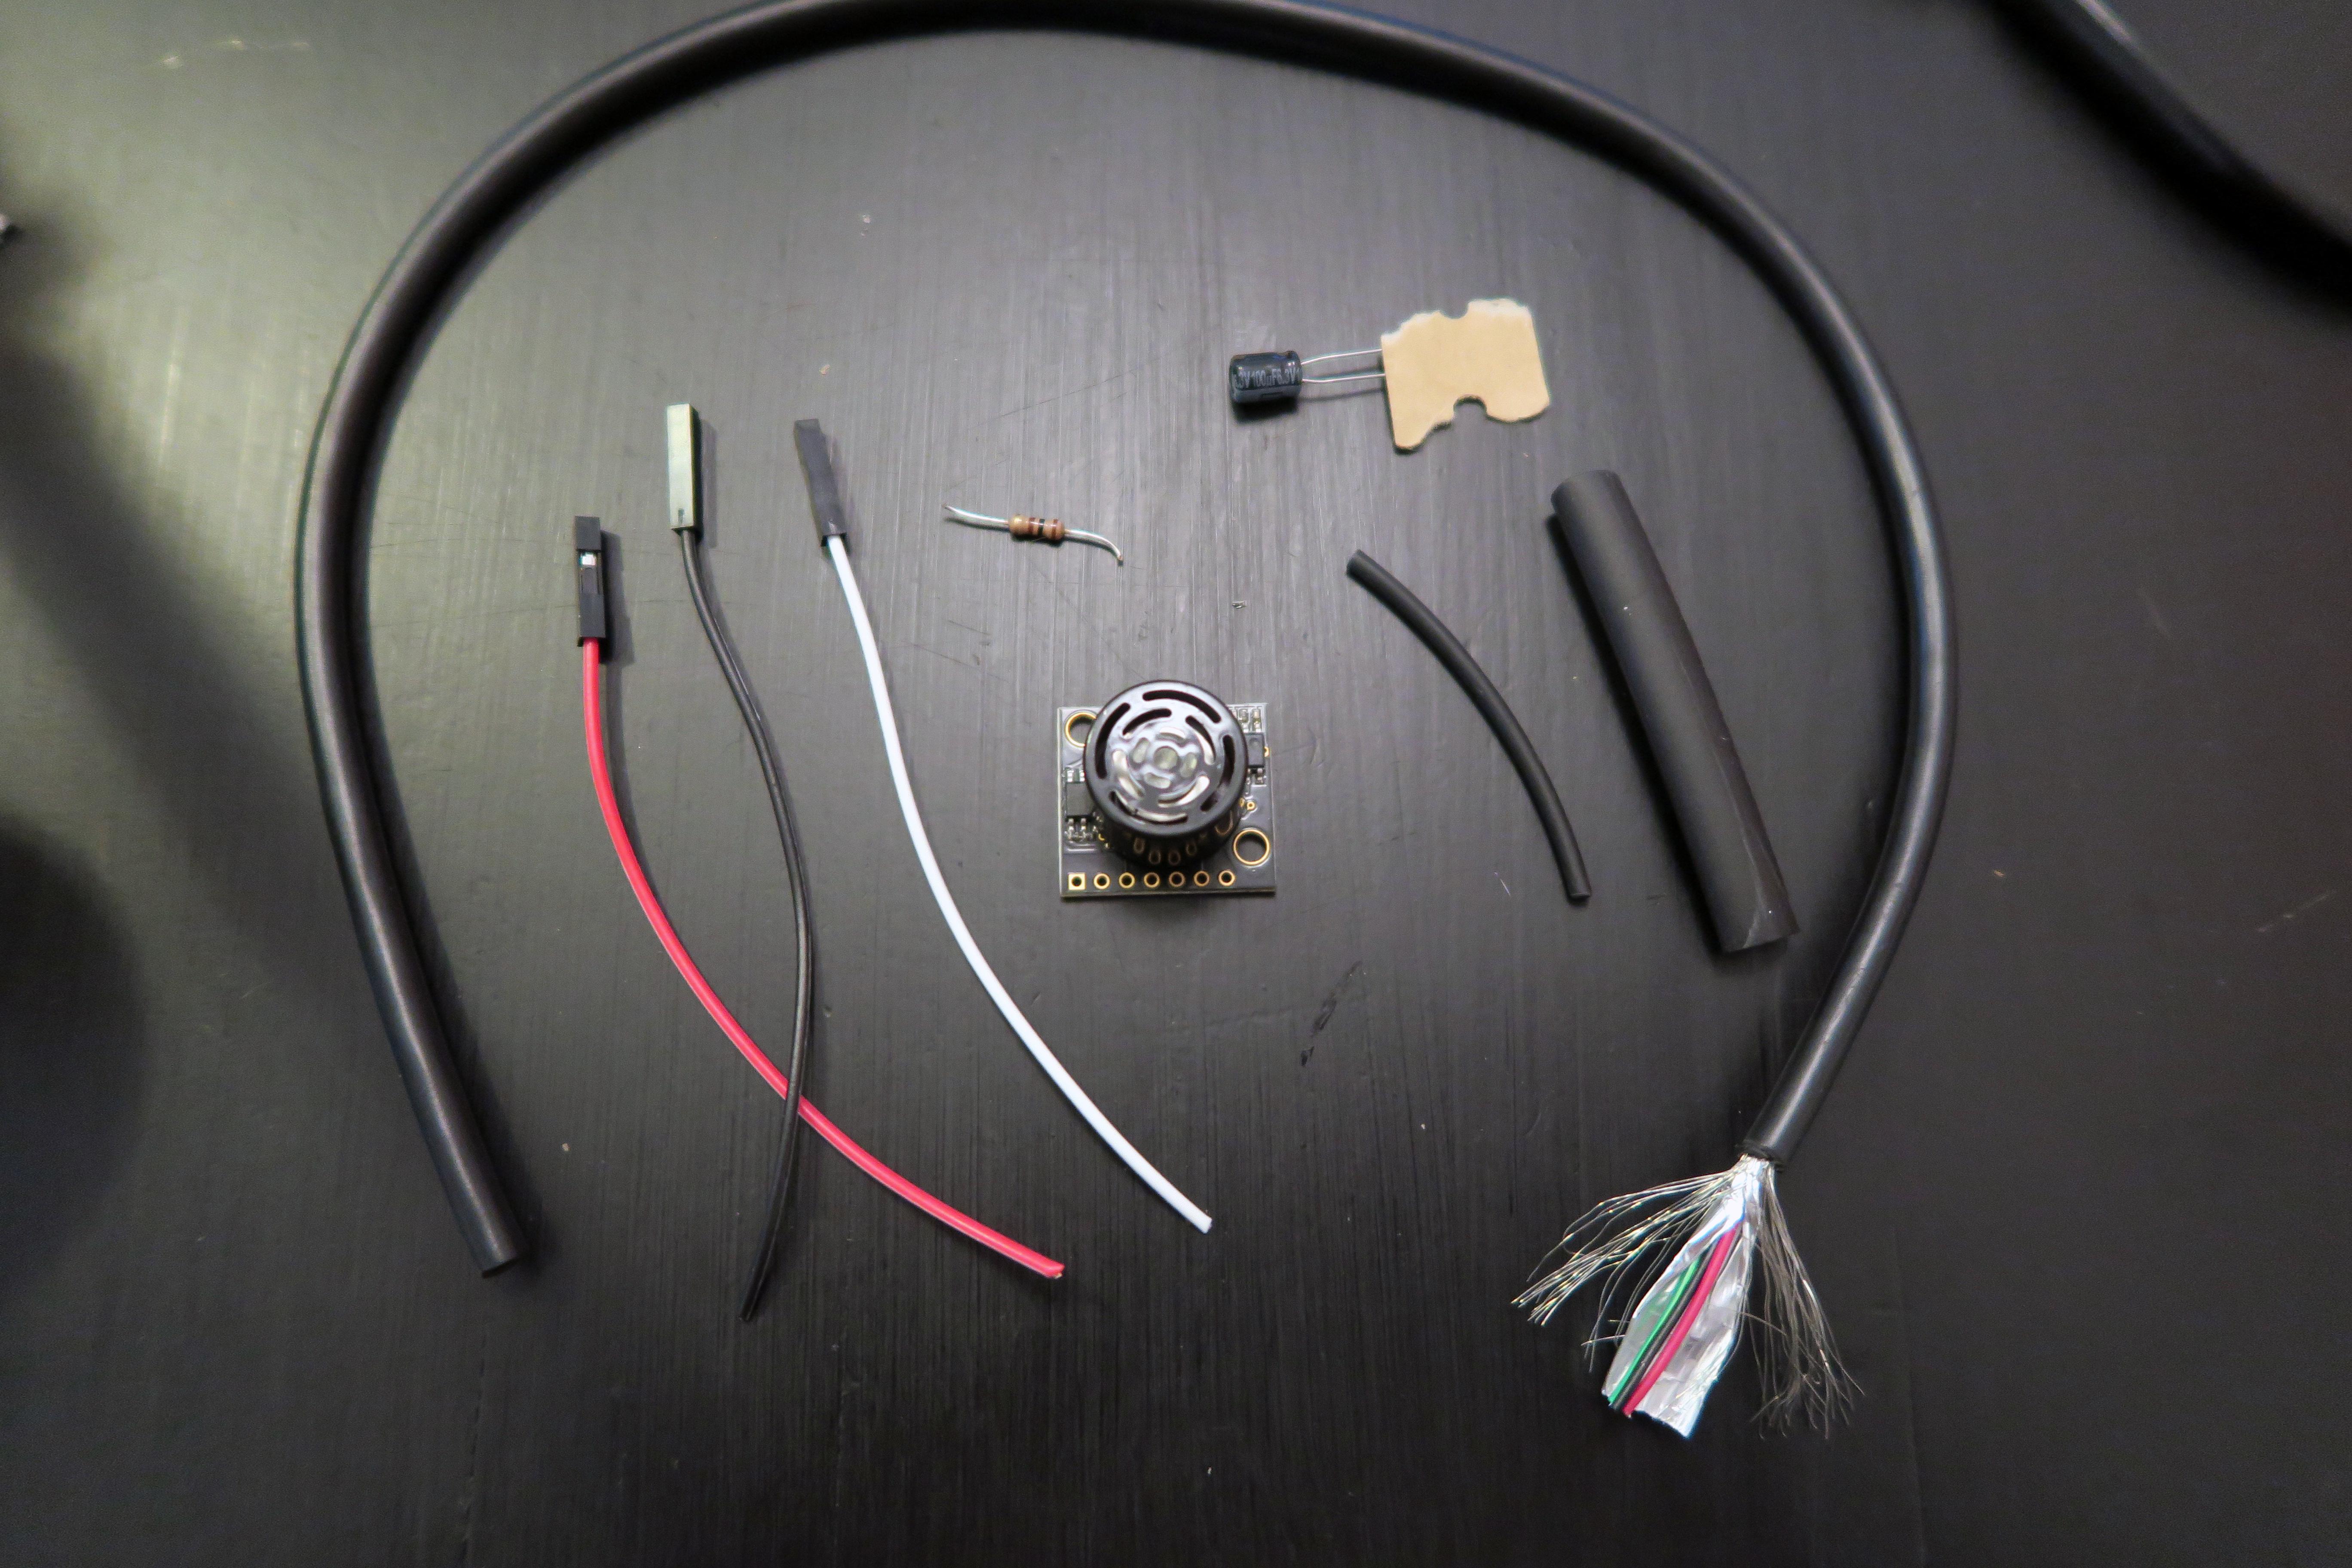 hacks_drone-spray-sonar-parts.jpg